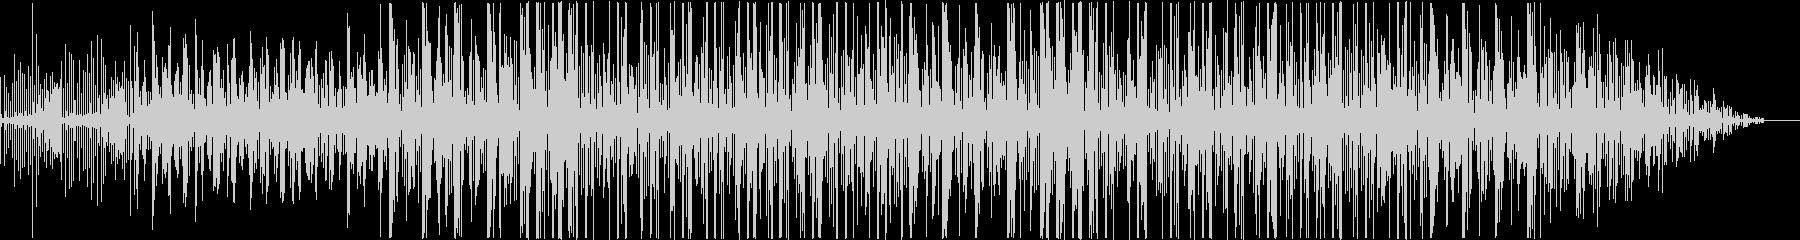 ノスタルジックなTRAPビートの未再生の波形